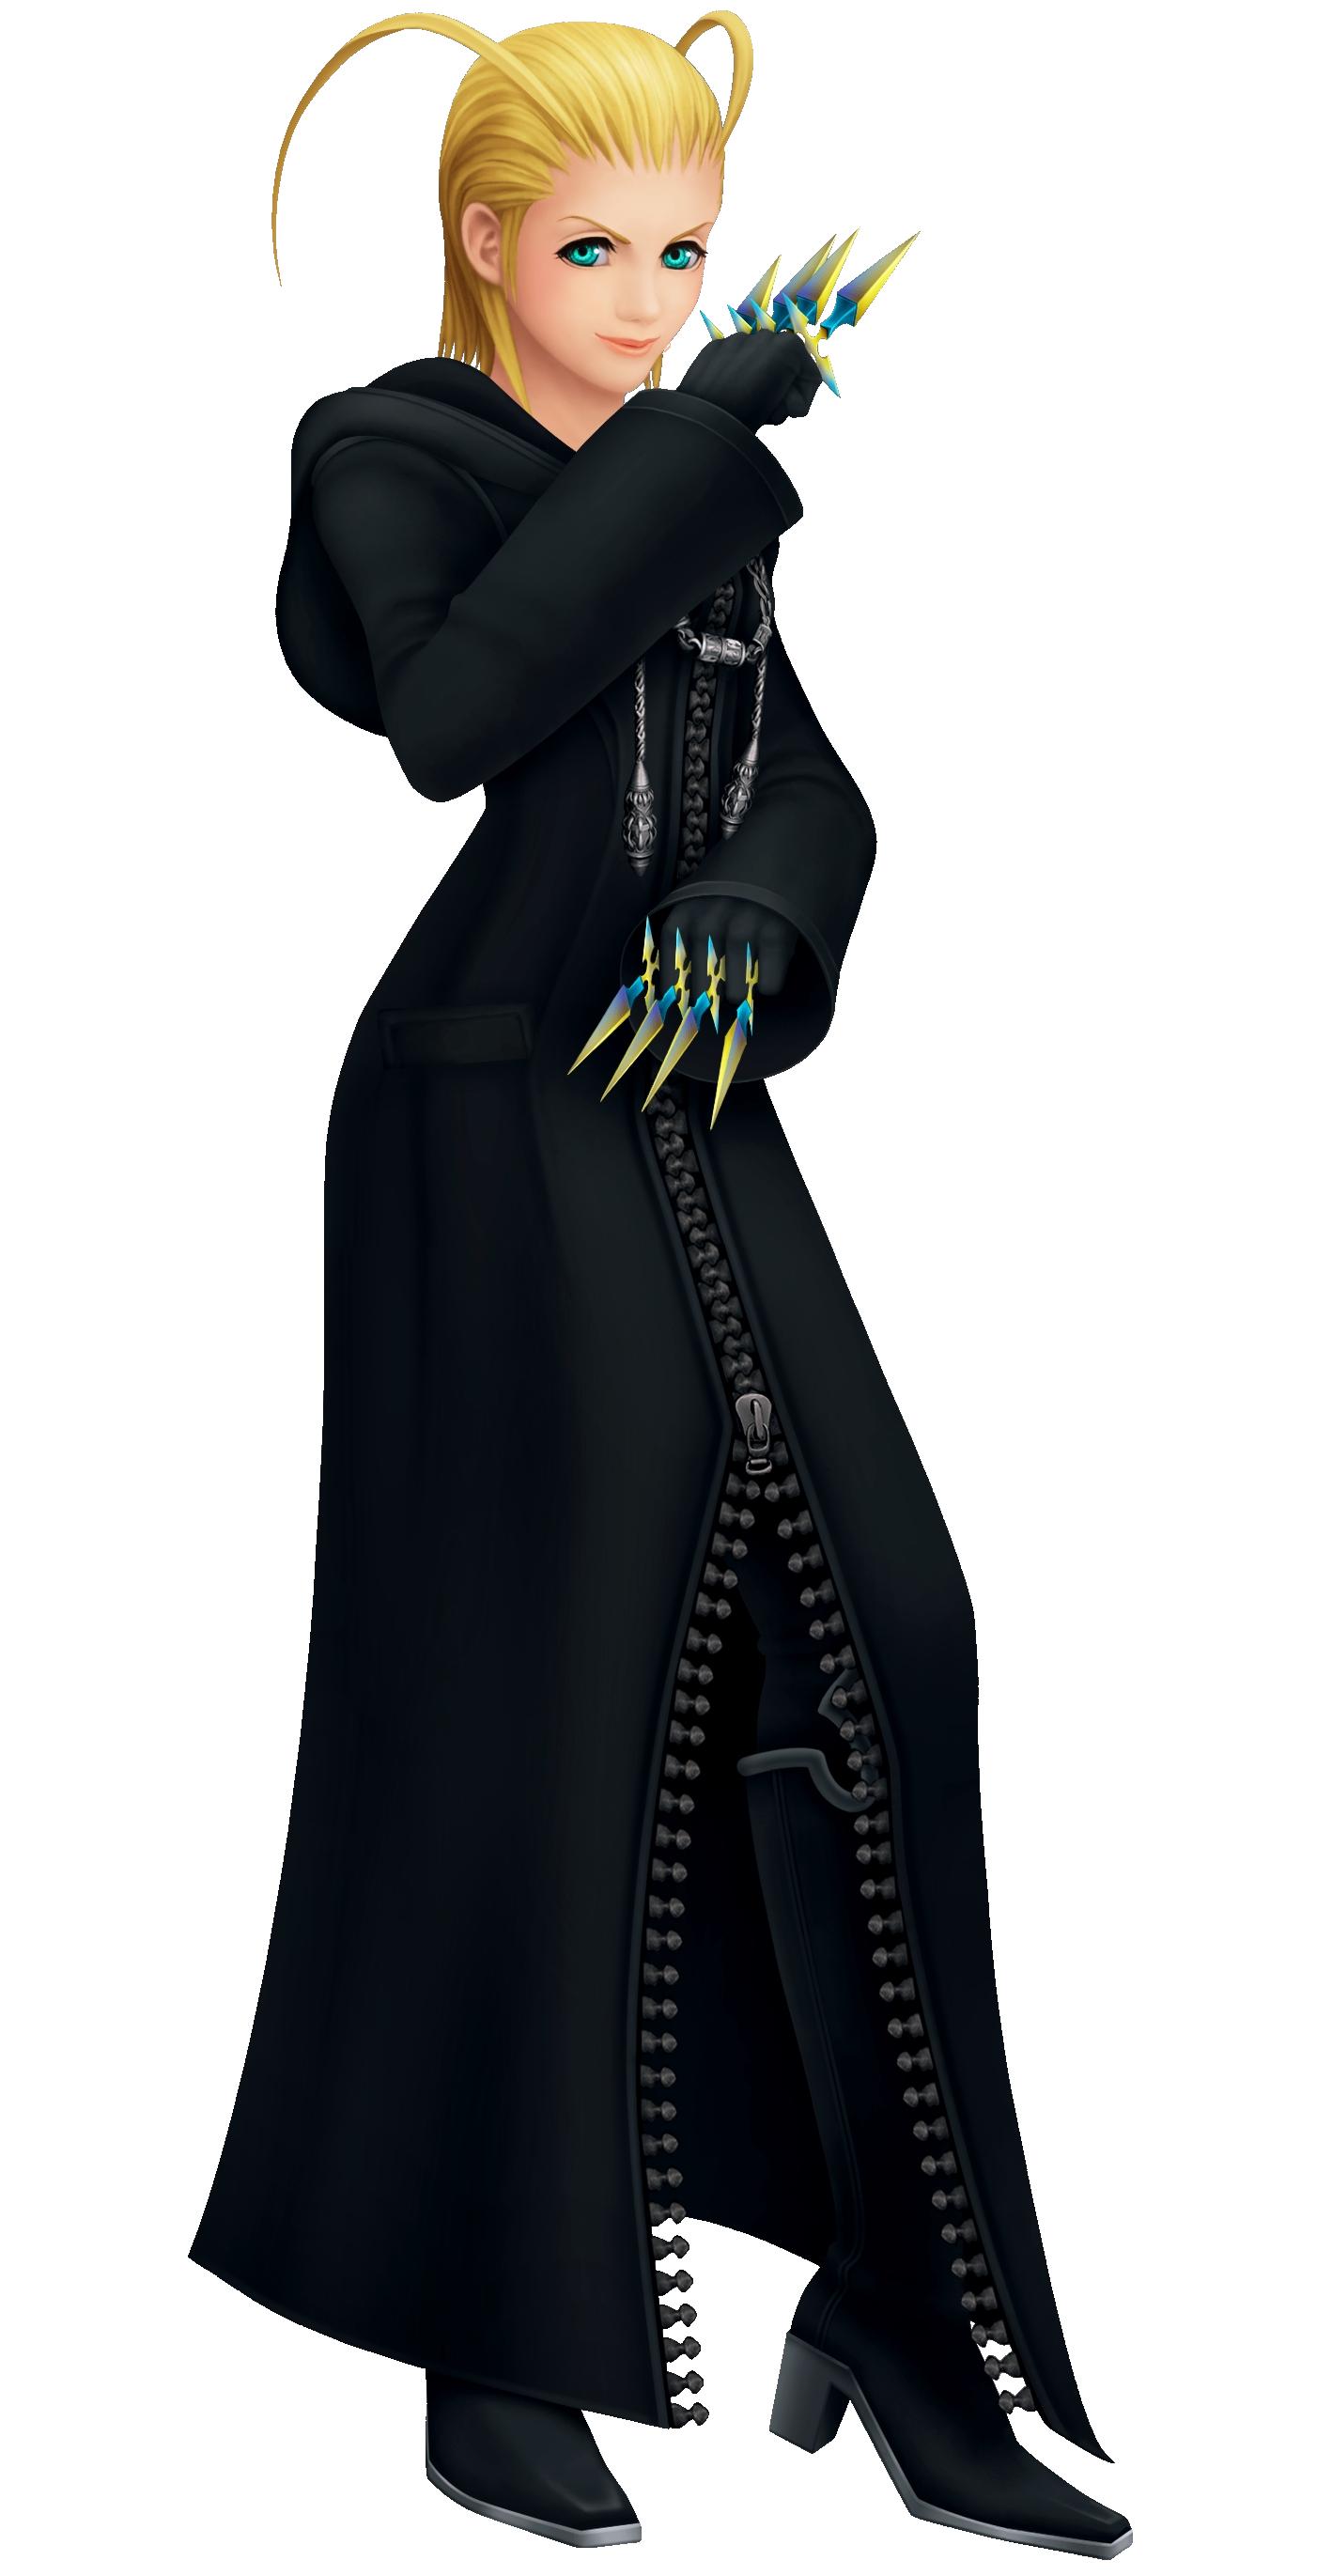 Onion Knight from Final Fantasy Dissidia